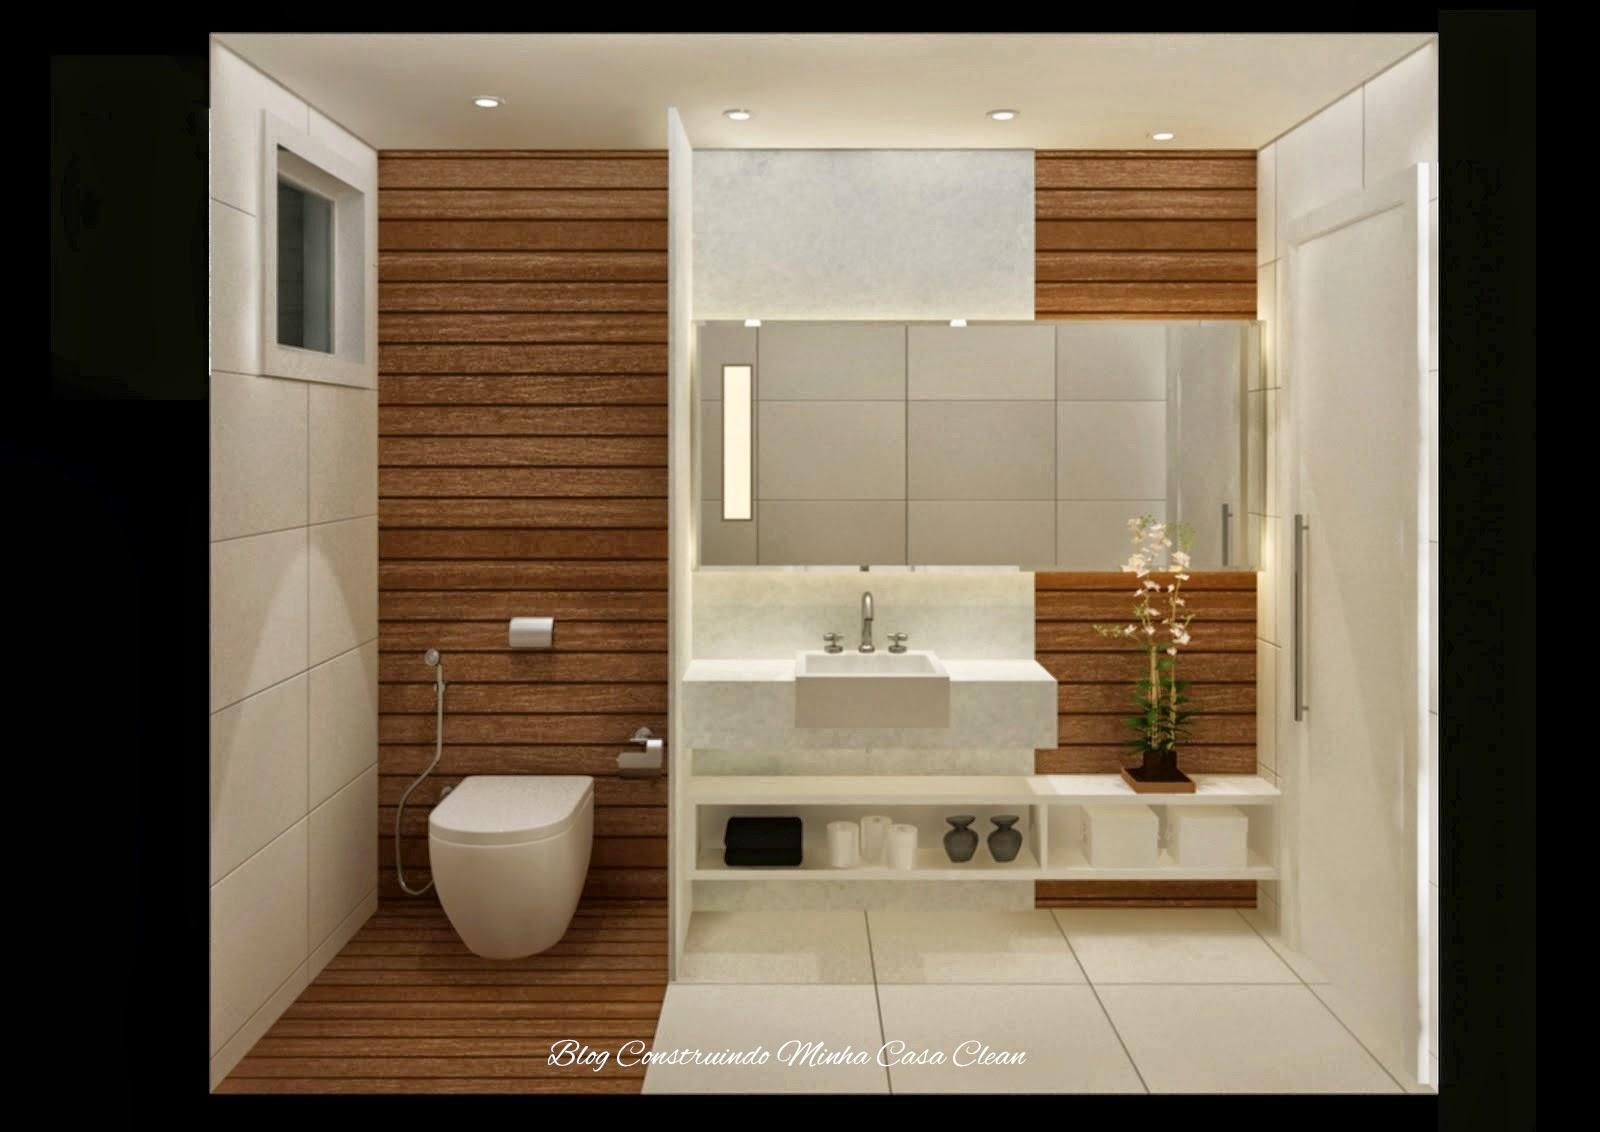 Construindo Minha Casa Clean: Deck de Madeira na Parede!!! #0C0904 1600x1132